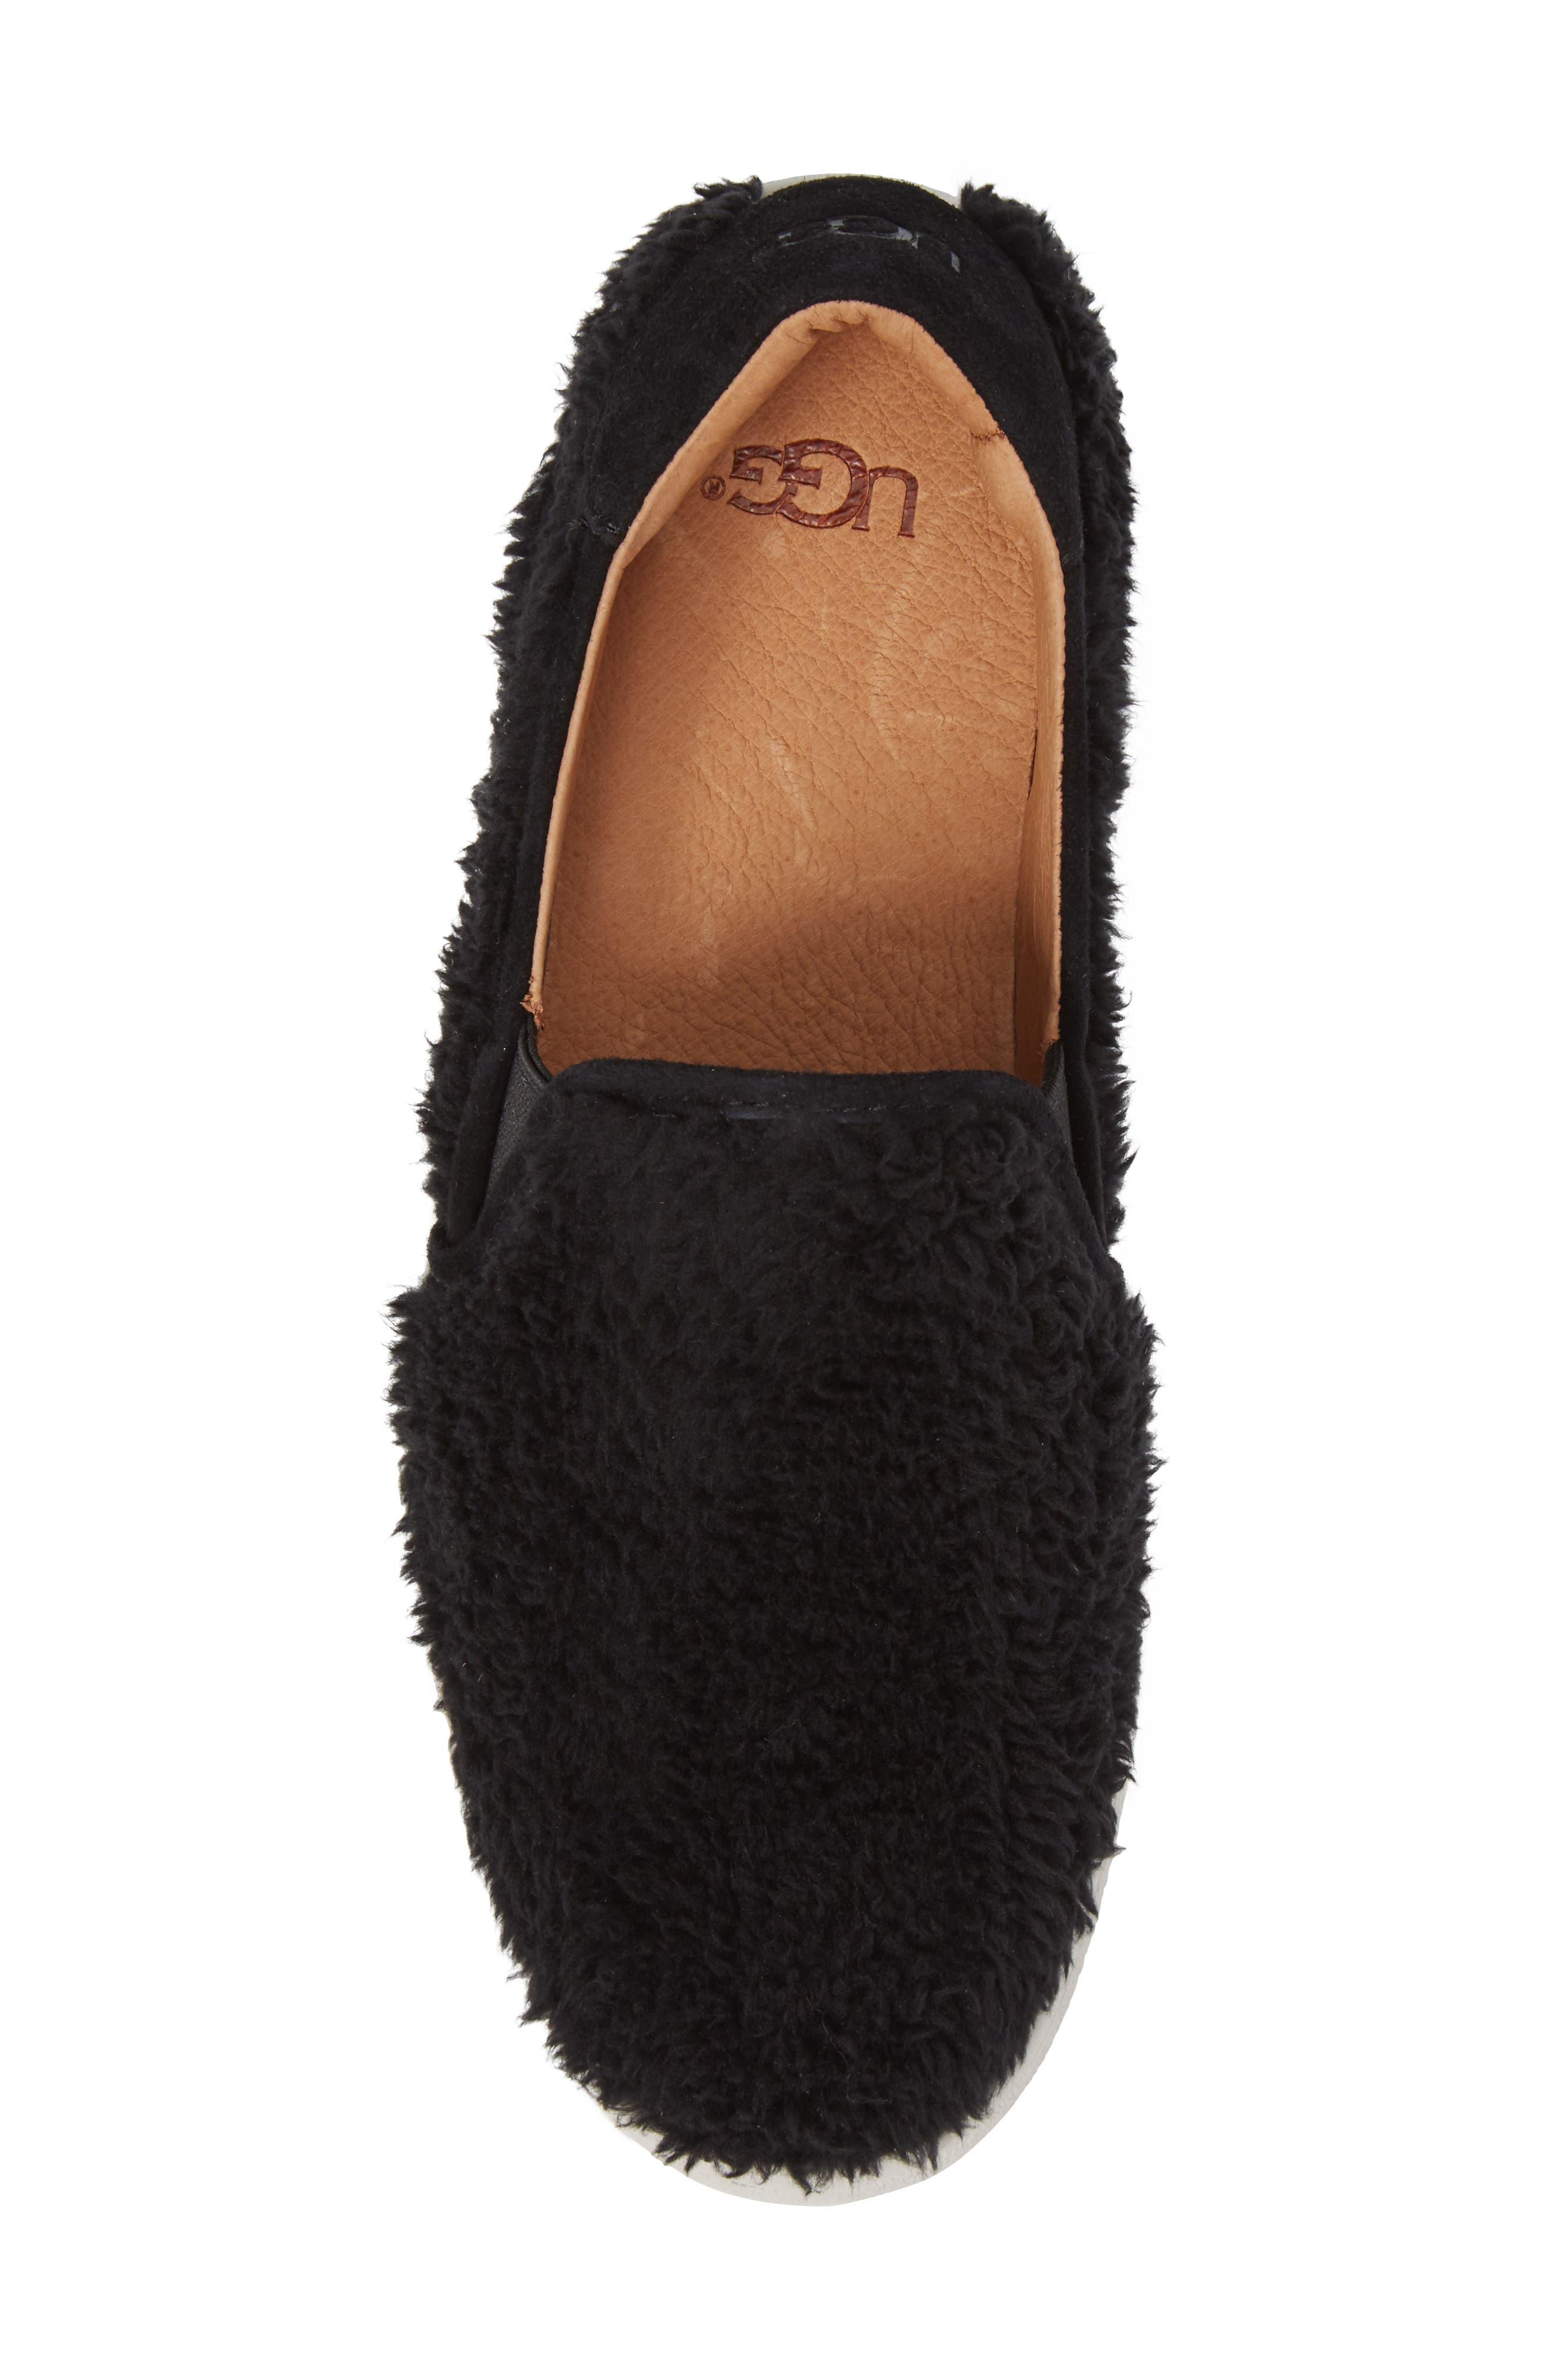 Ricci Plush Slip-On Sneaker,                             Alternate thumbnail 5, color,                             Black Fabric